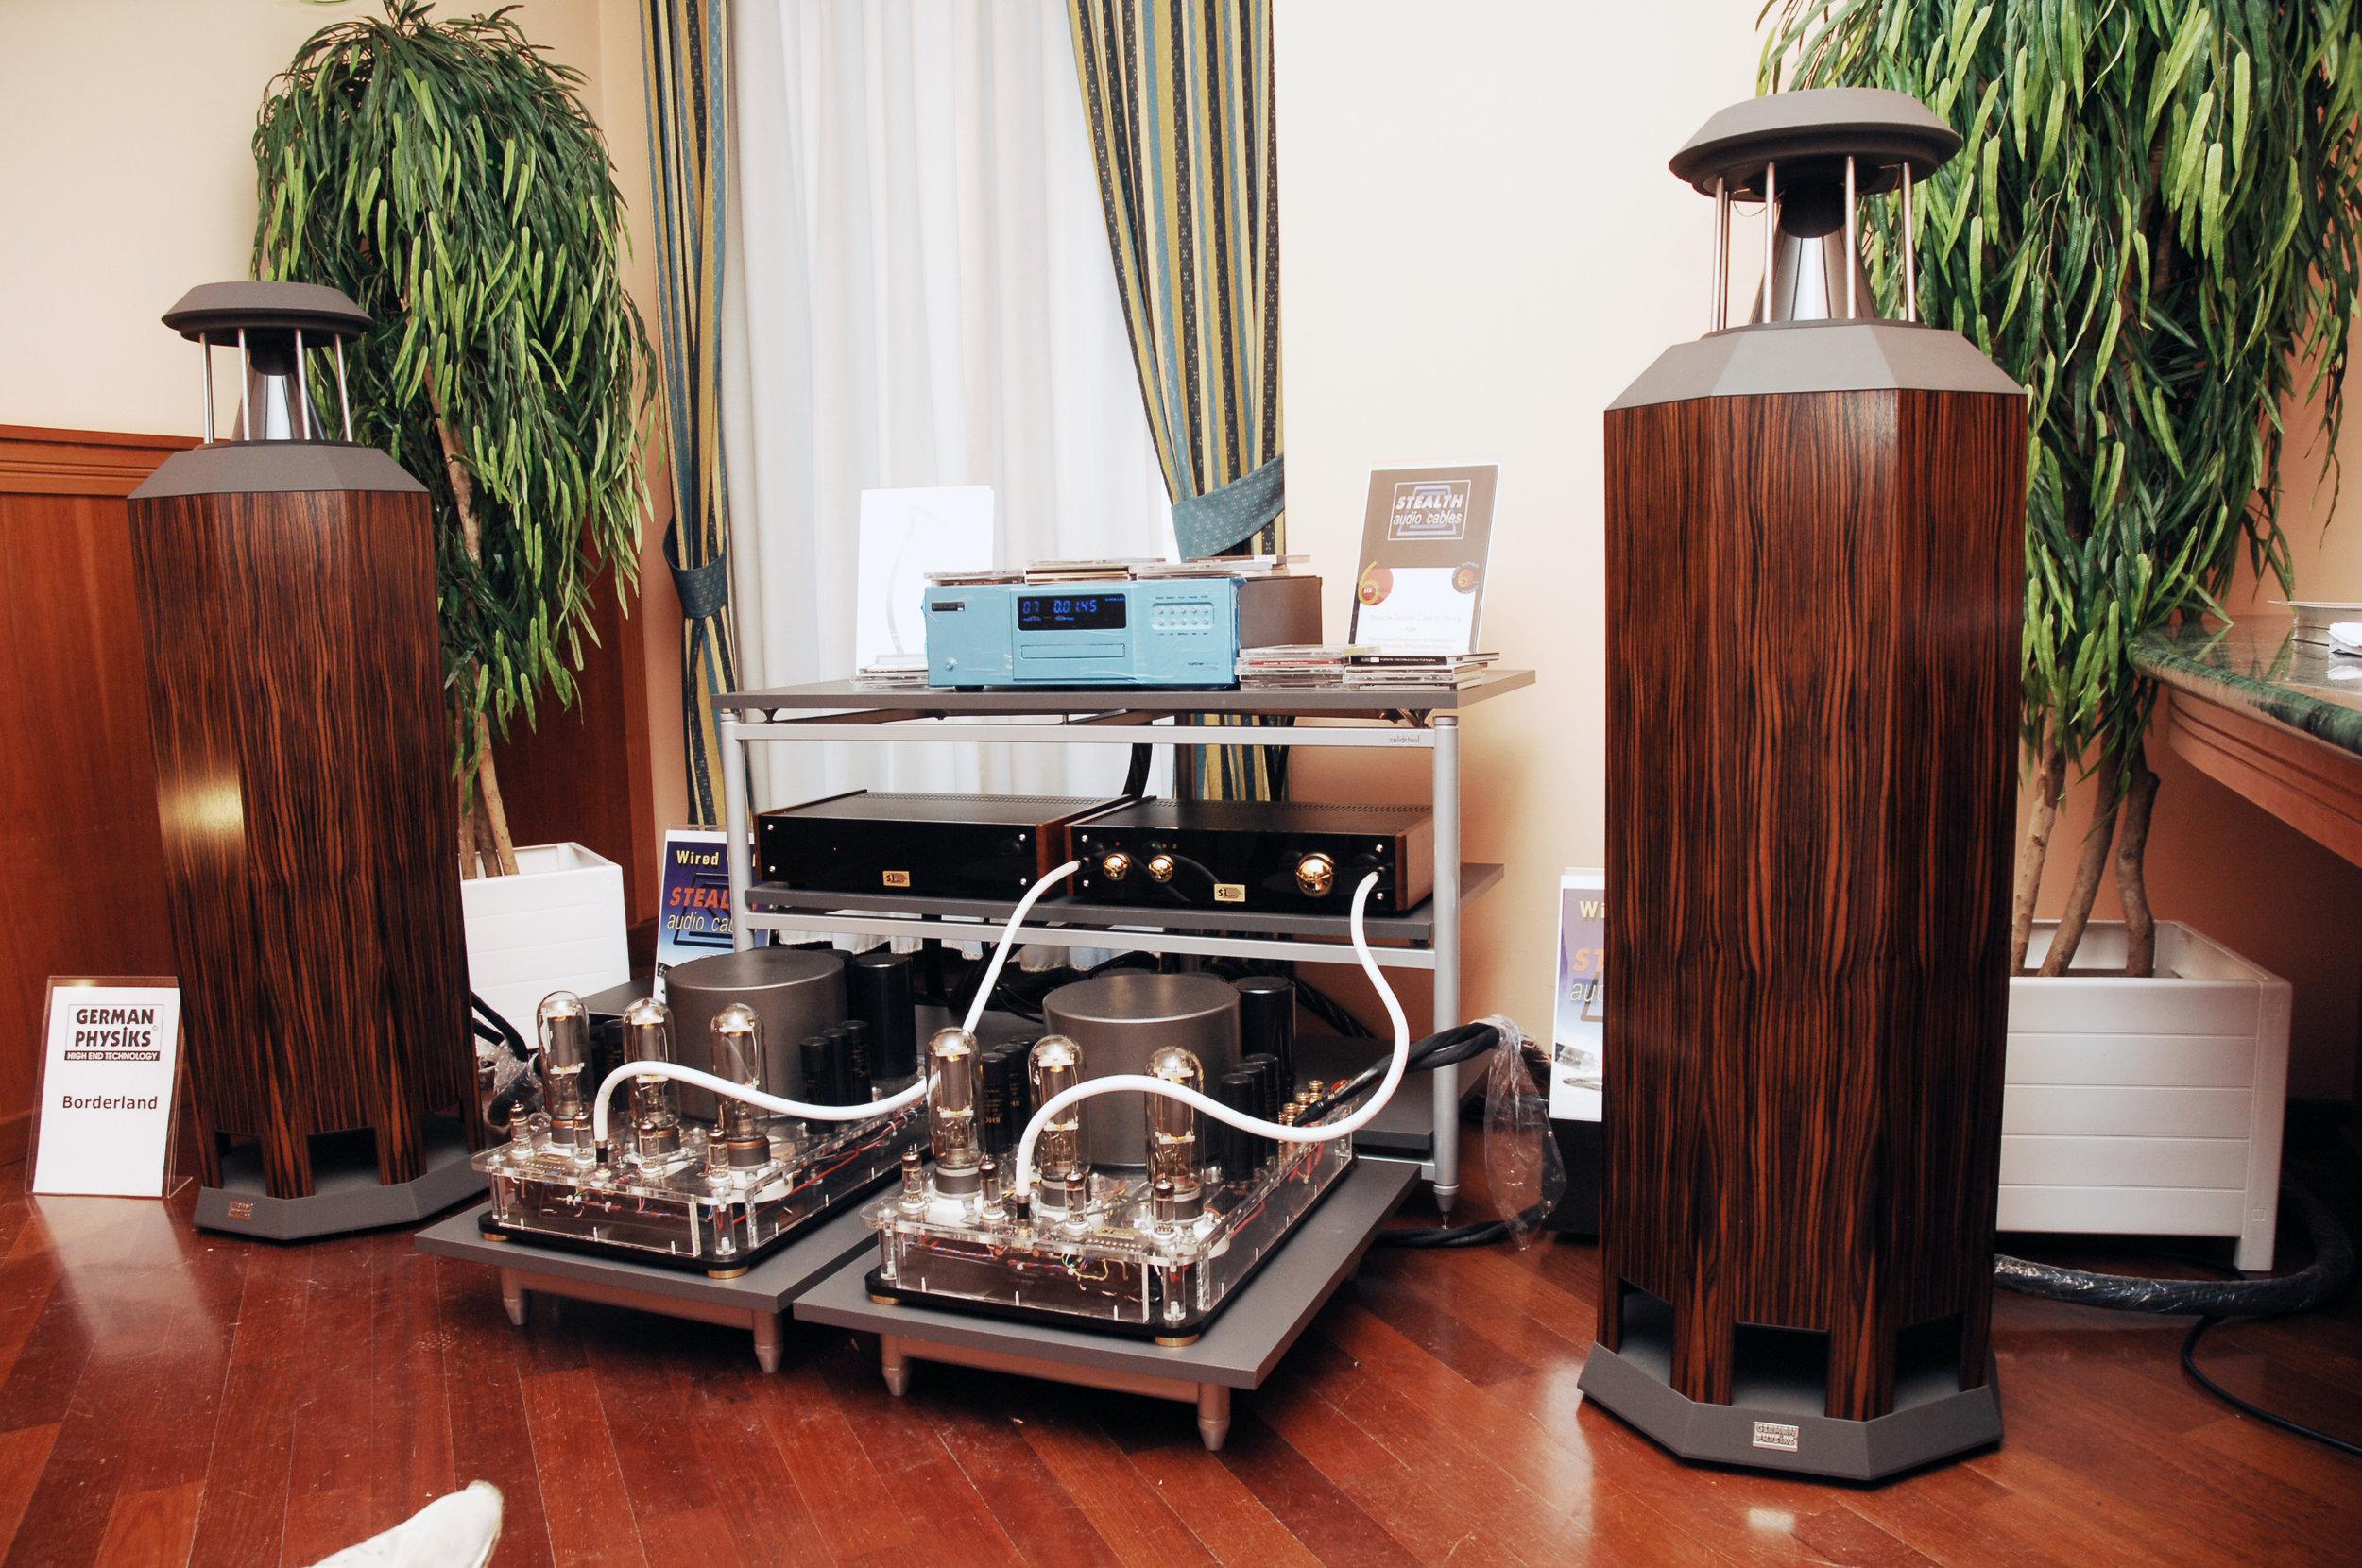 Borderland MK IV loudspeaker in macassar | Italian show 2007